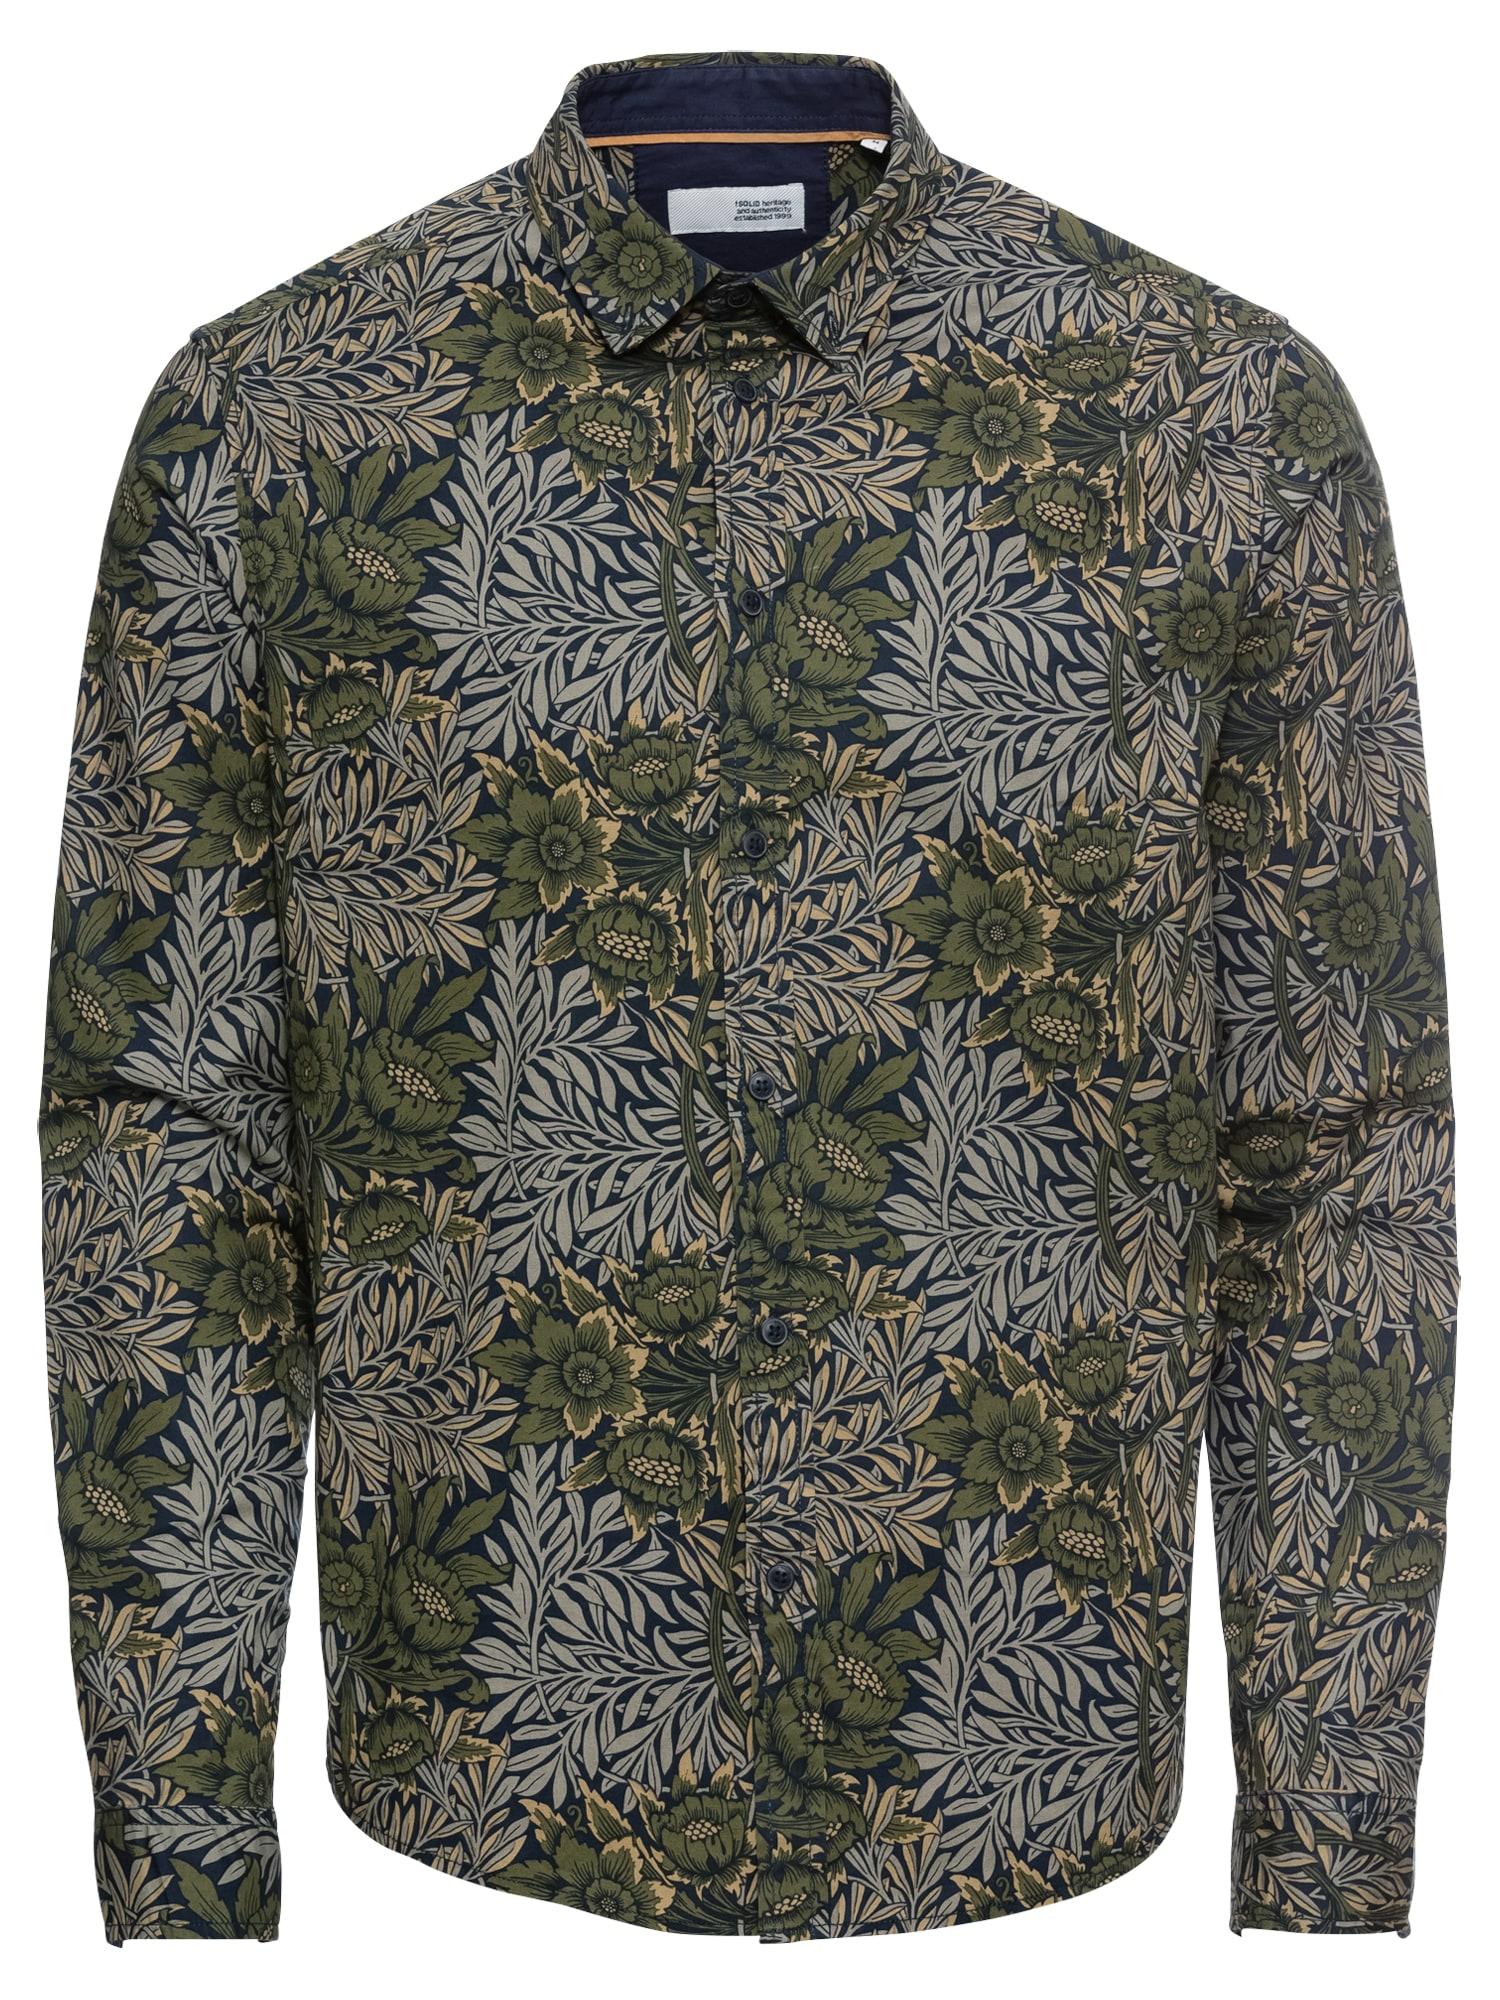 Košile Juan Flower LS béžová khaki olivová !Solid